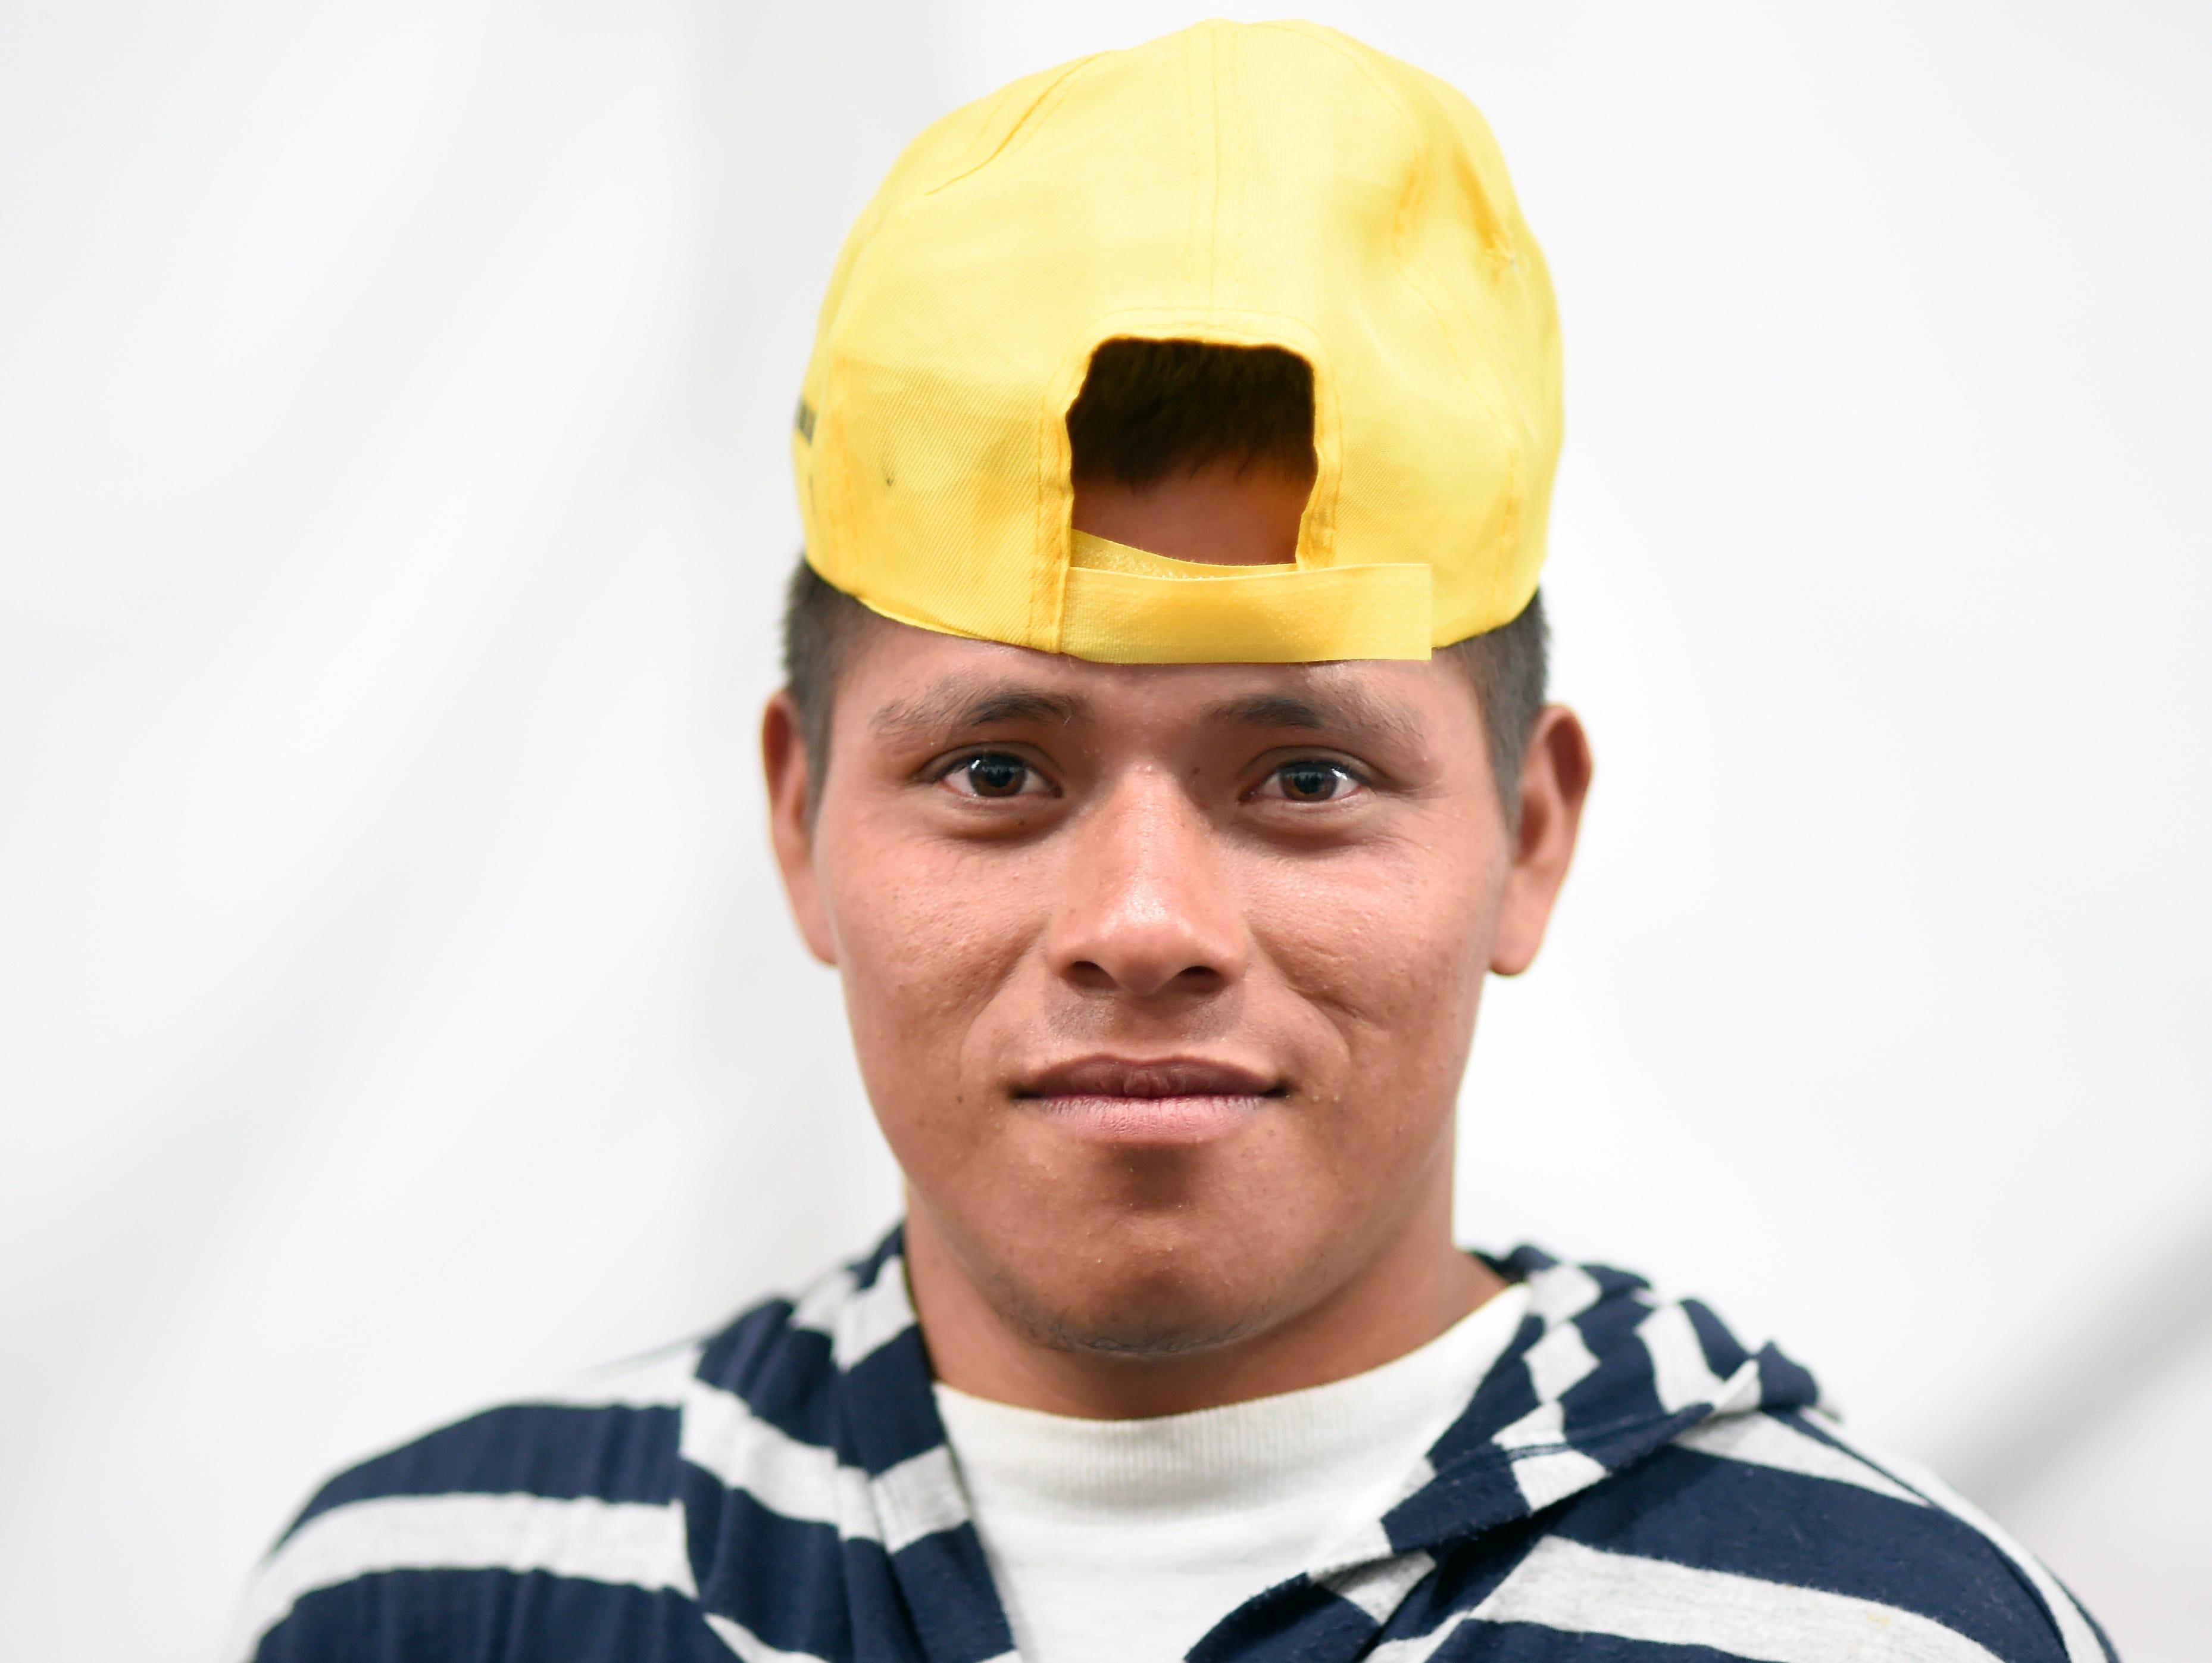 Ángel Lemus, hondureño, 20 años. Estos son los rostros de los migrantes centroamericanos que huyen de la pobreza y violencia que se vive en sus países; y que por medio de una caravana caminan cientos de kilómetros cruzando ciudades, ríos, carreteras, bosques y fronteras, con el firme propósito de hacer realidad su sueño de llegar a los Estados Unidos.